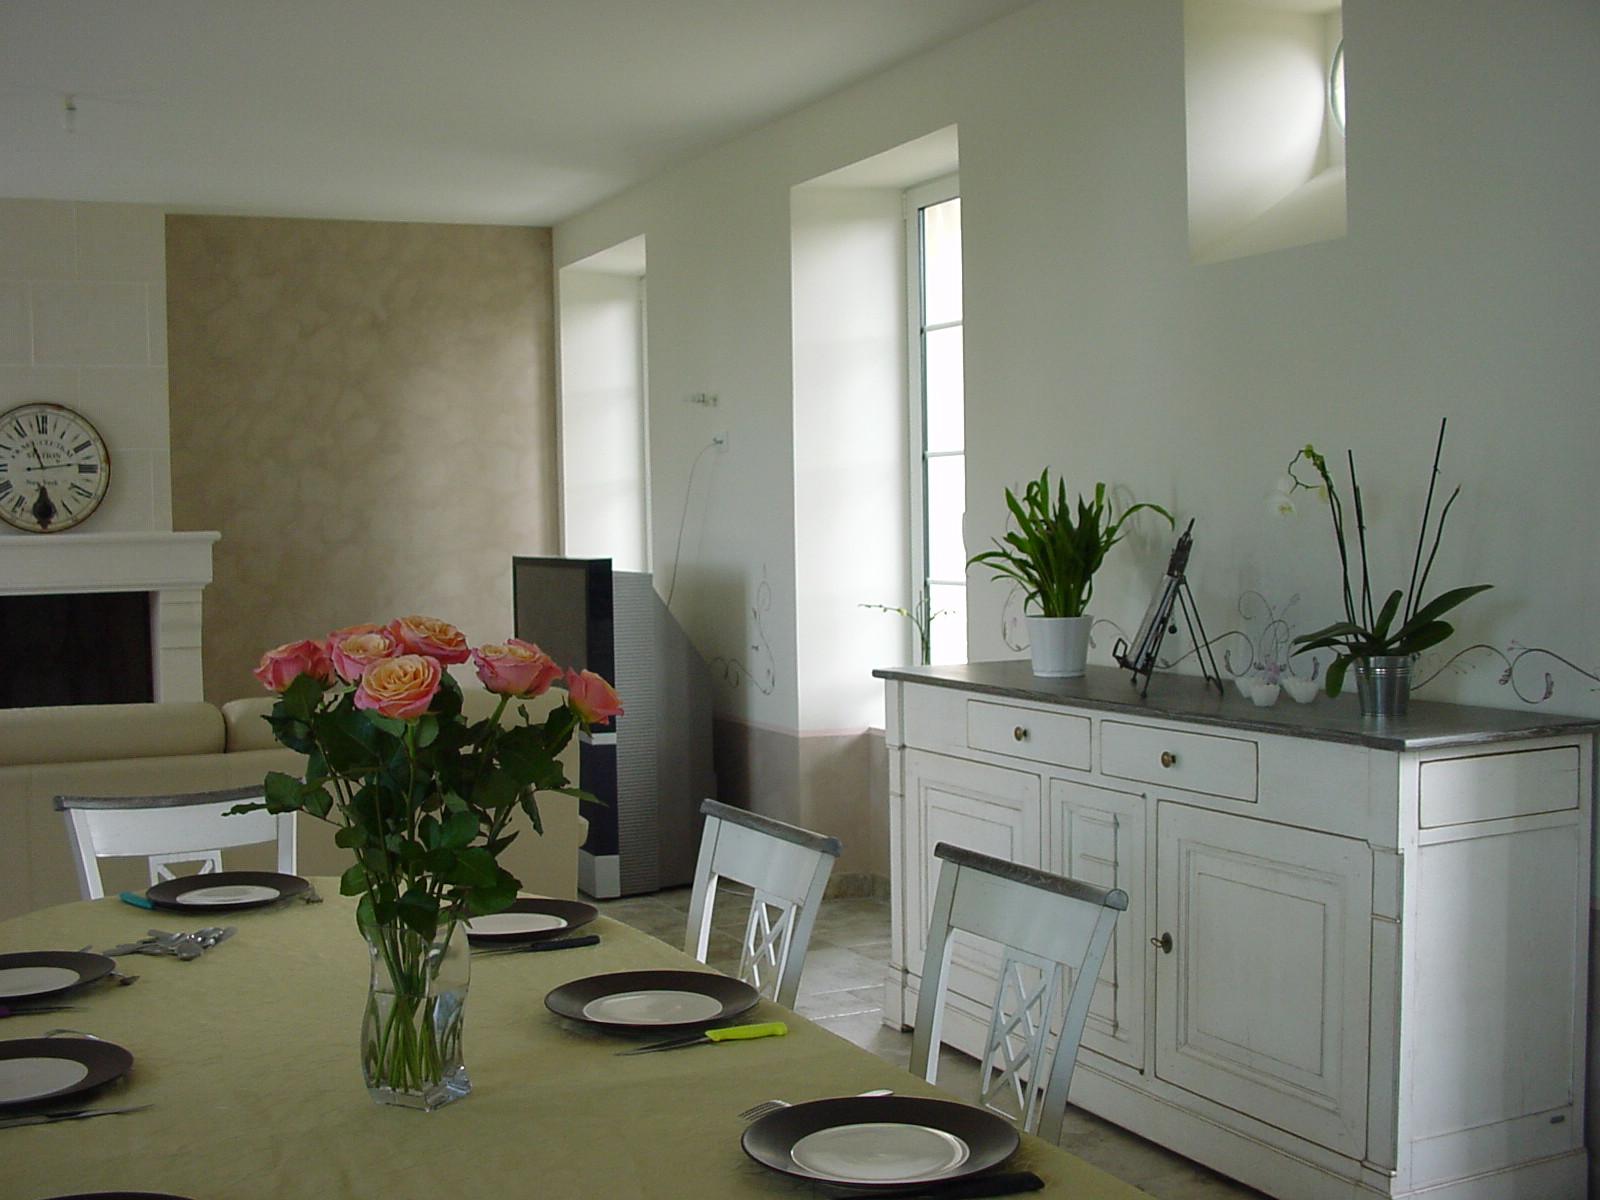 Décoration des murs en harmonie avec les meubles relookés